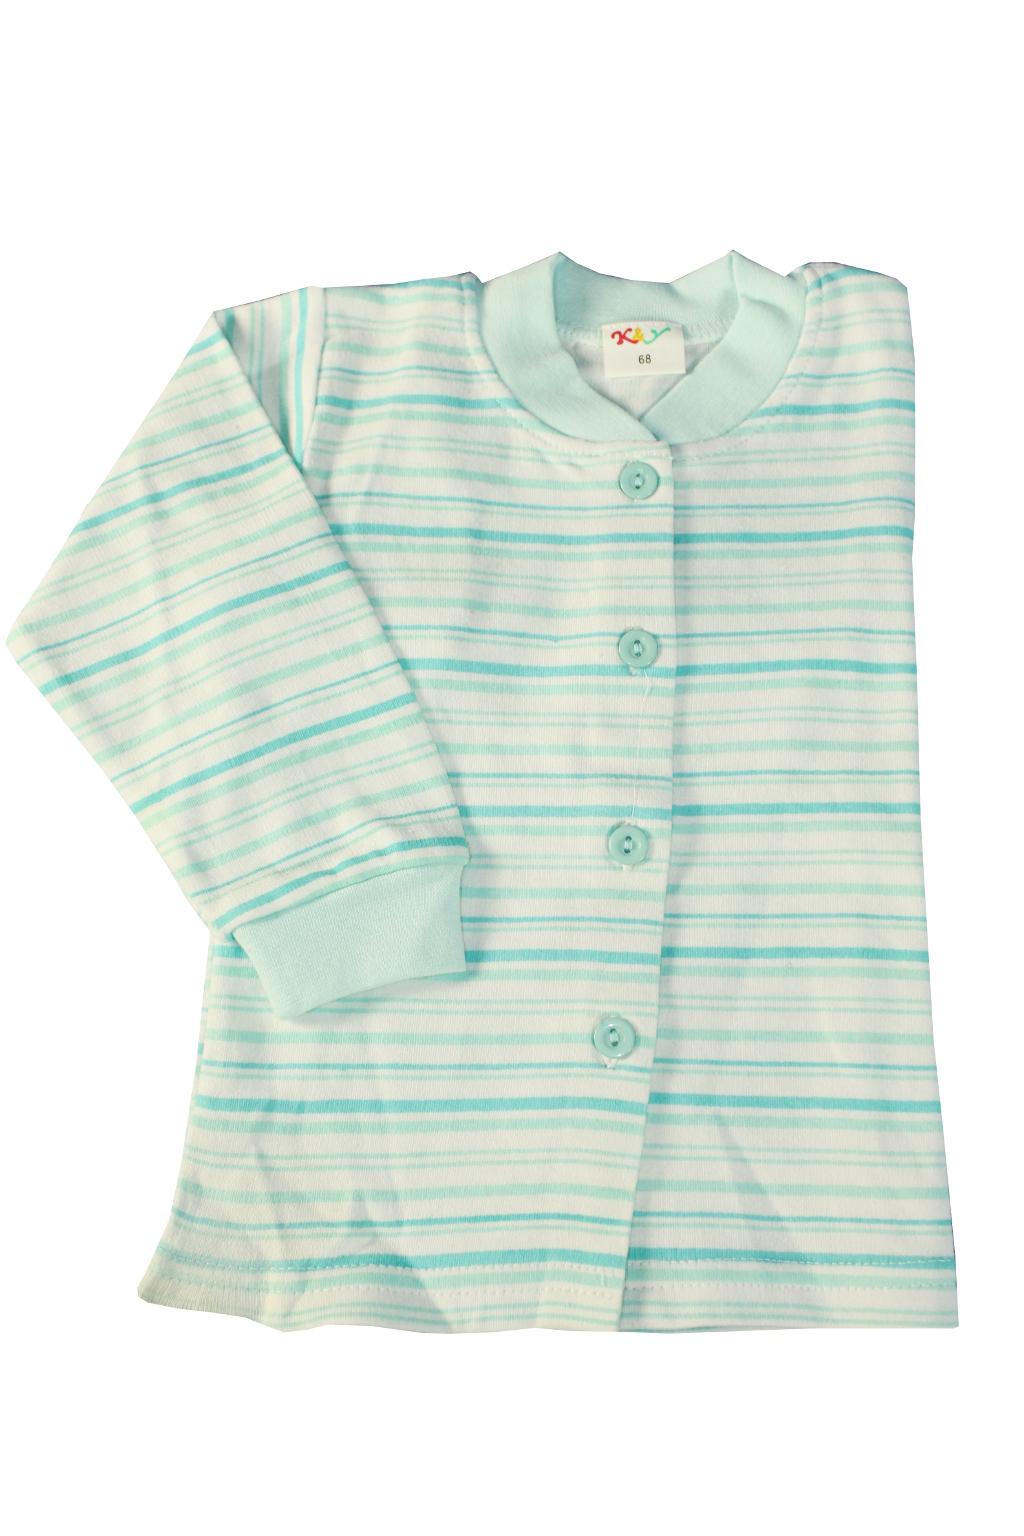 Style boy bavlněný kabátek 1-2 roky světle modrá